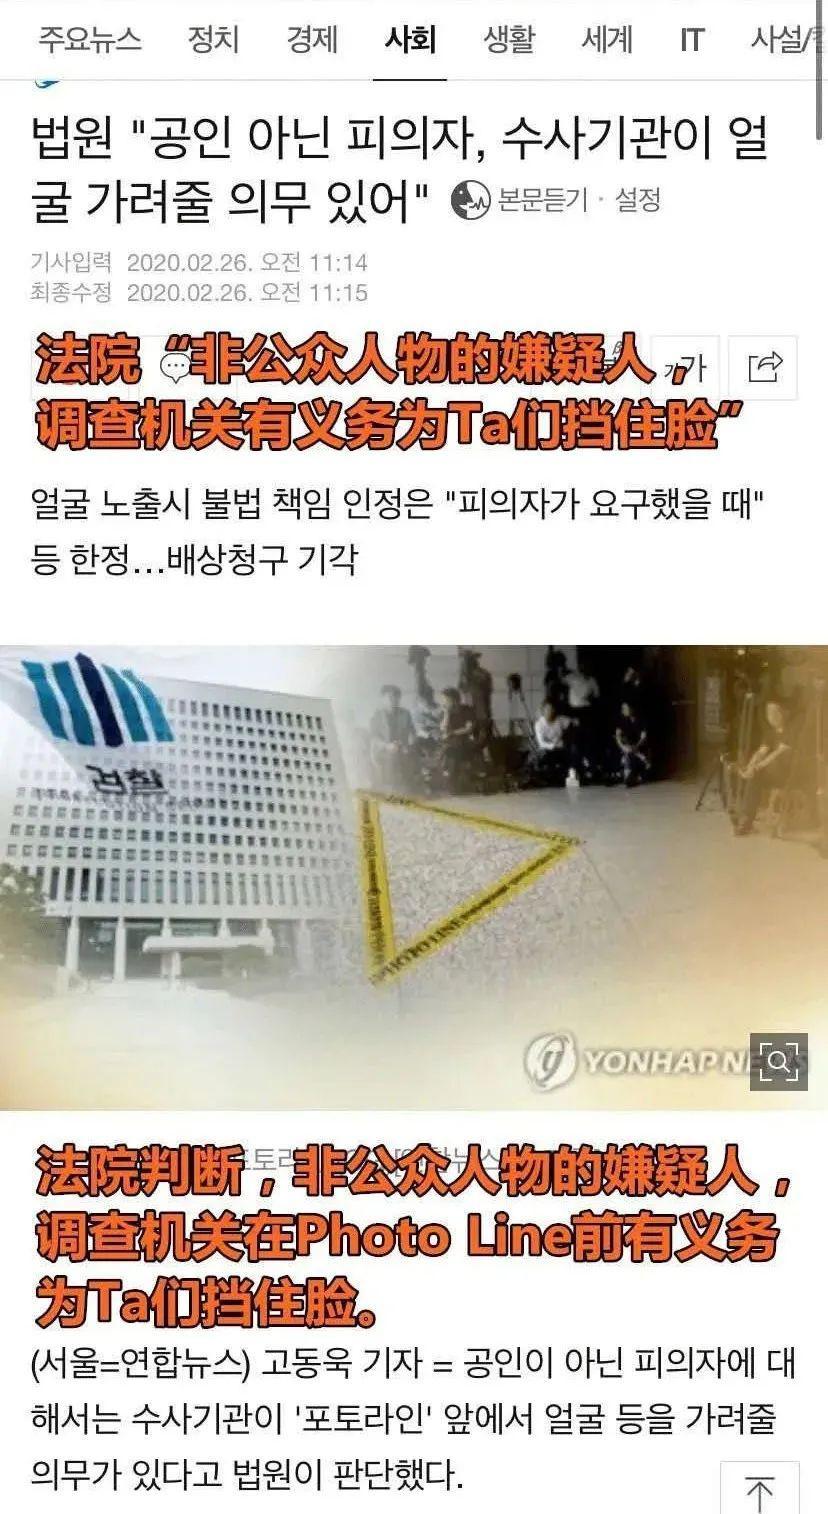 边伯贤背后的数字_韩国 N 号房间:26 万人围观的「女孩真实地狱」_女性